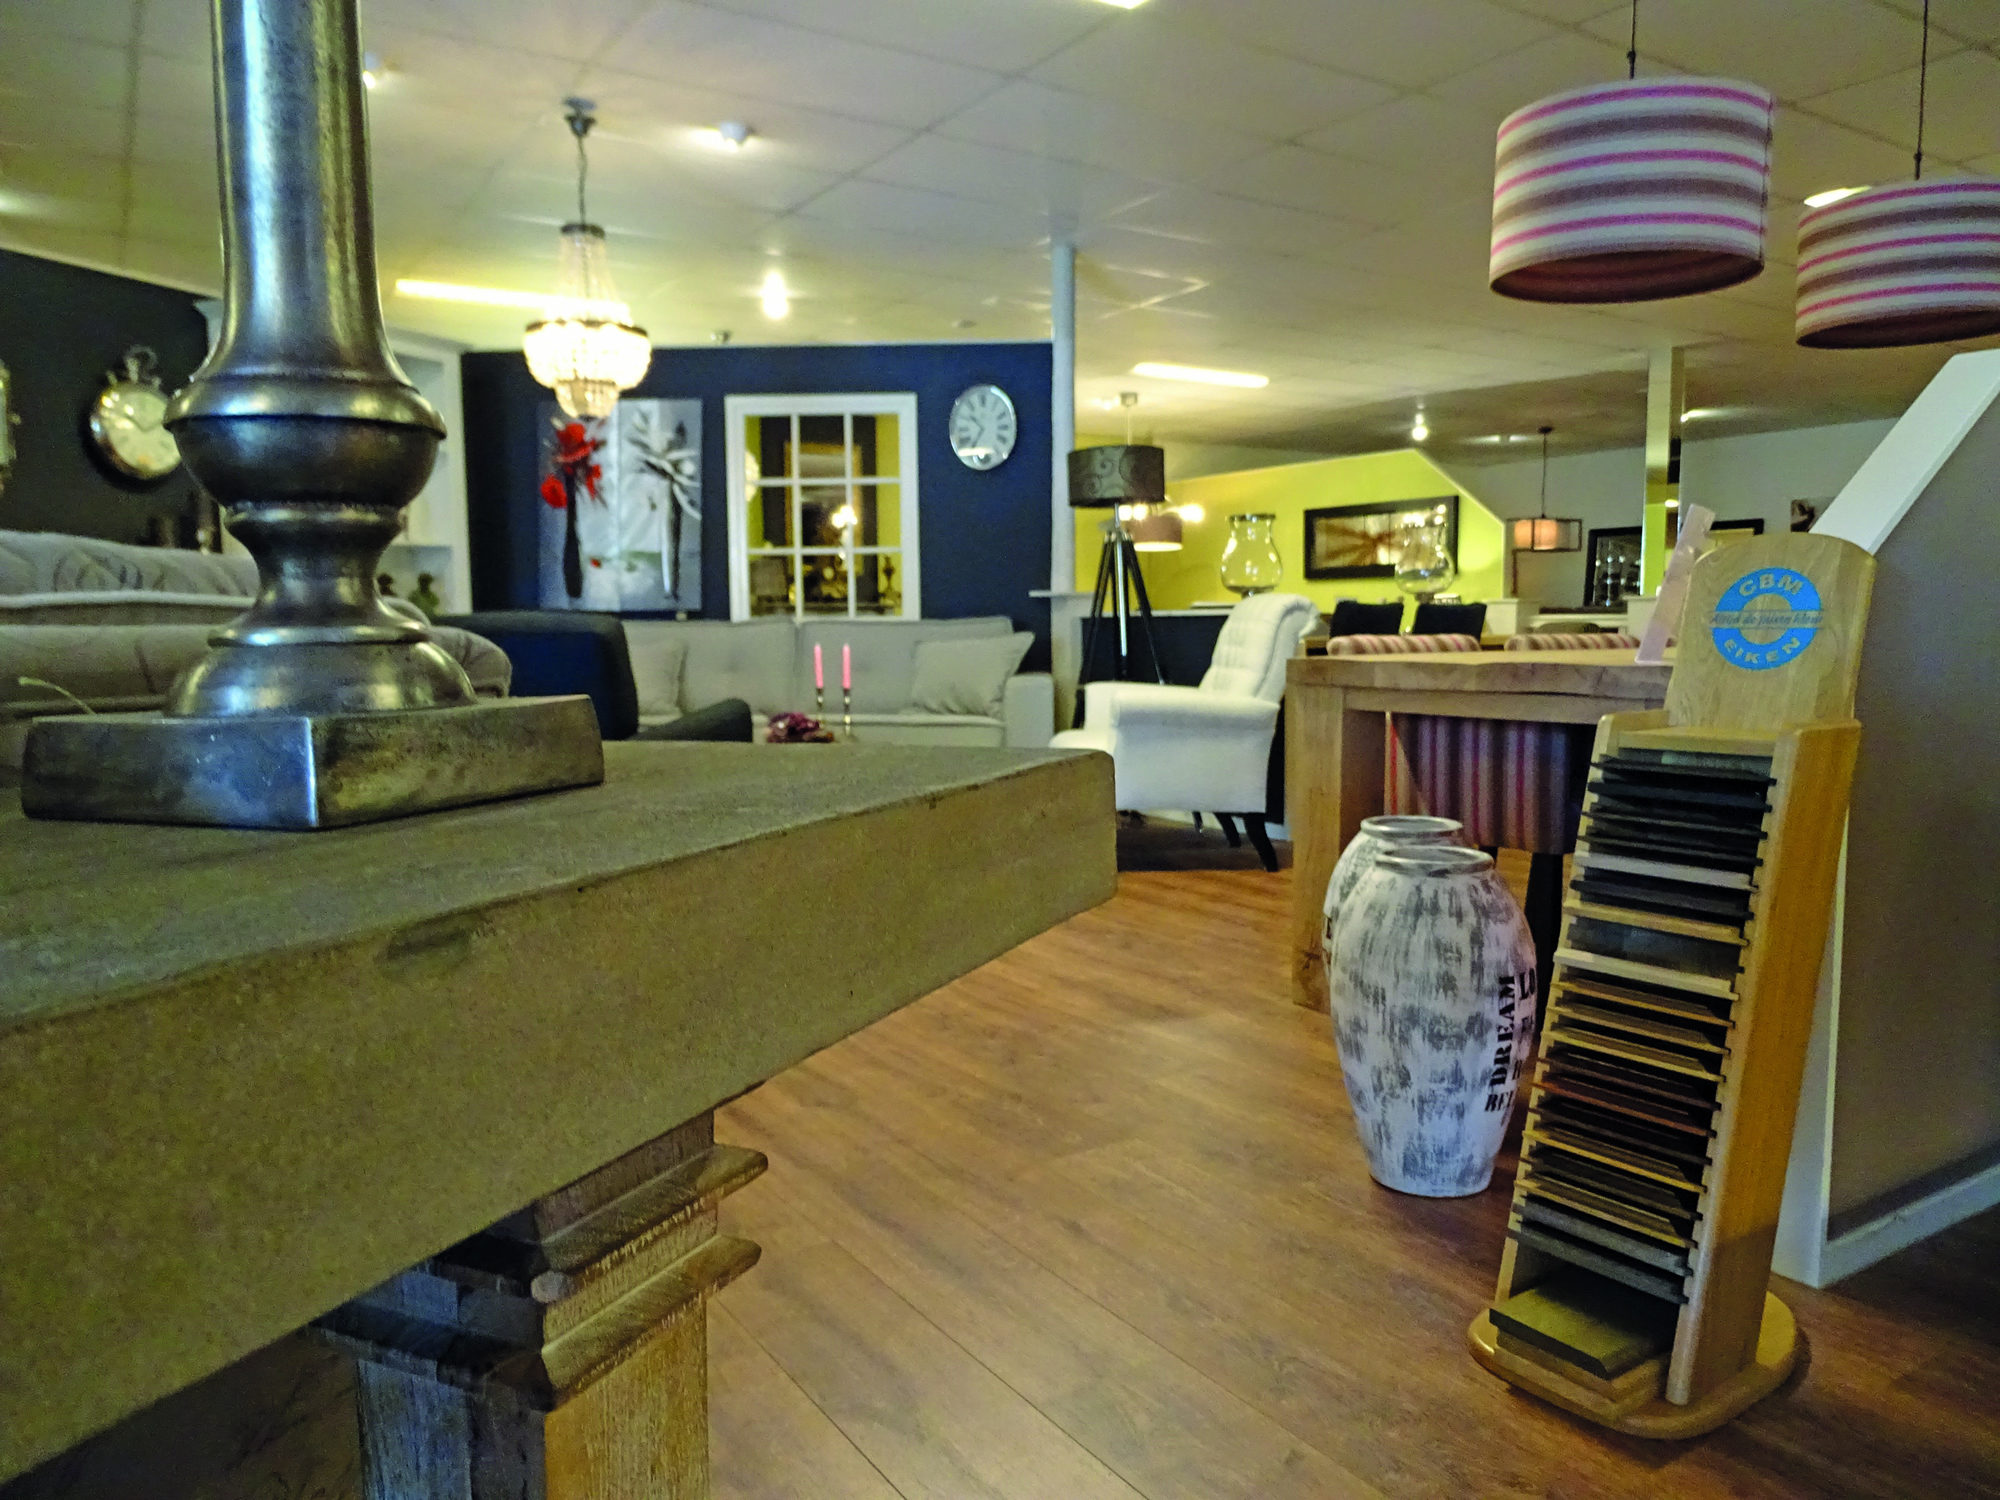 Manon Meubels Enschede : Maison manon loja de móveis enschede avaliações